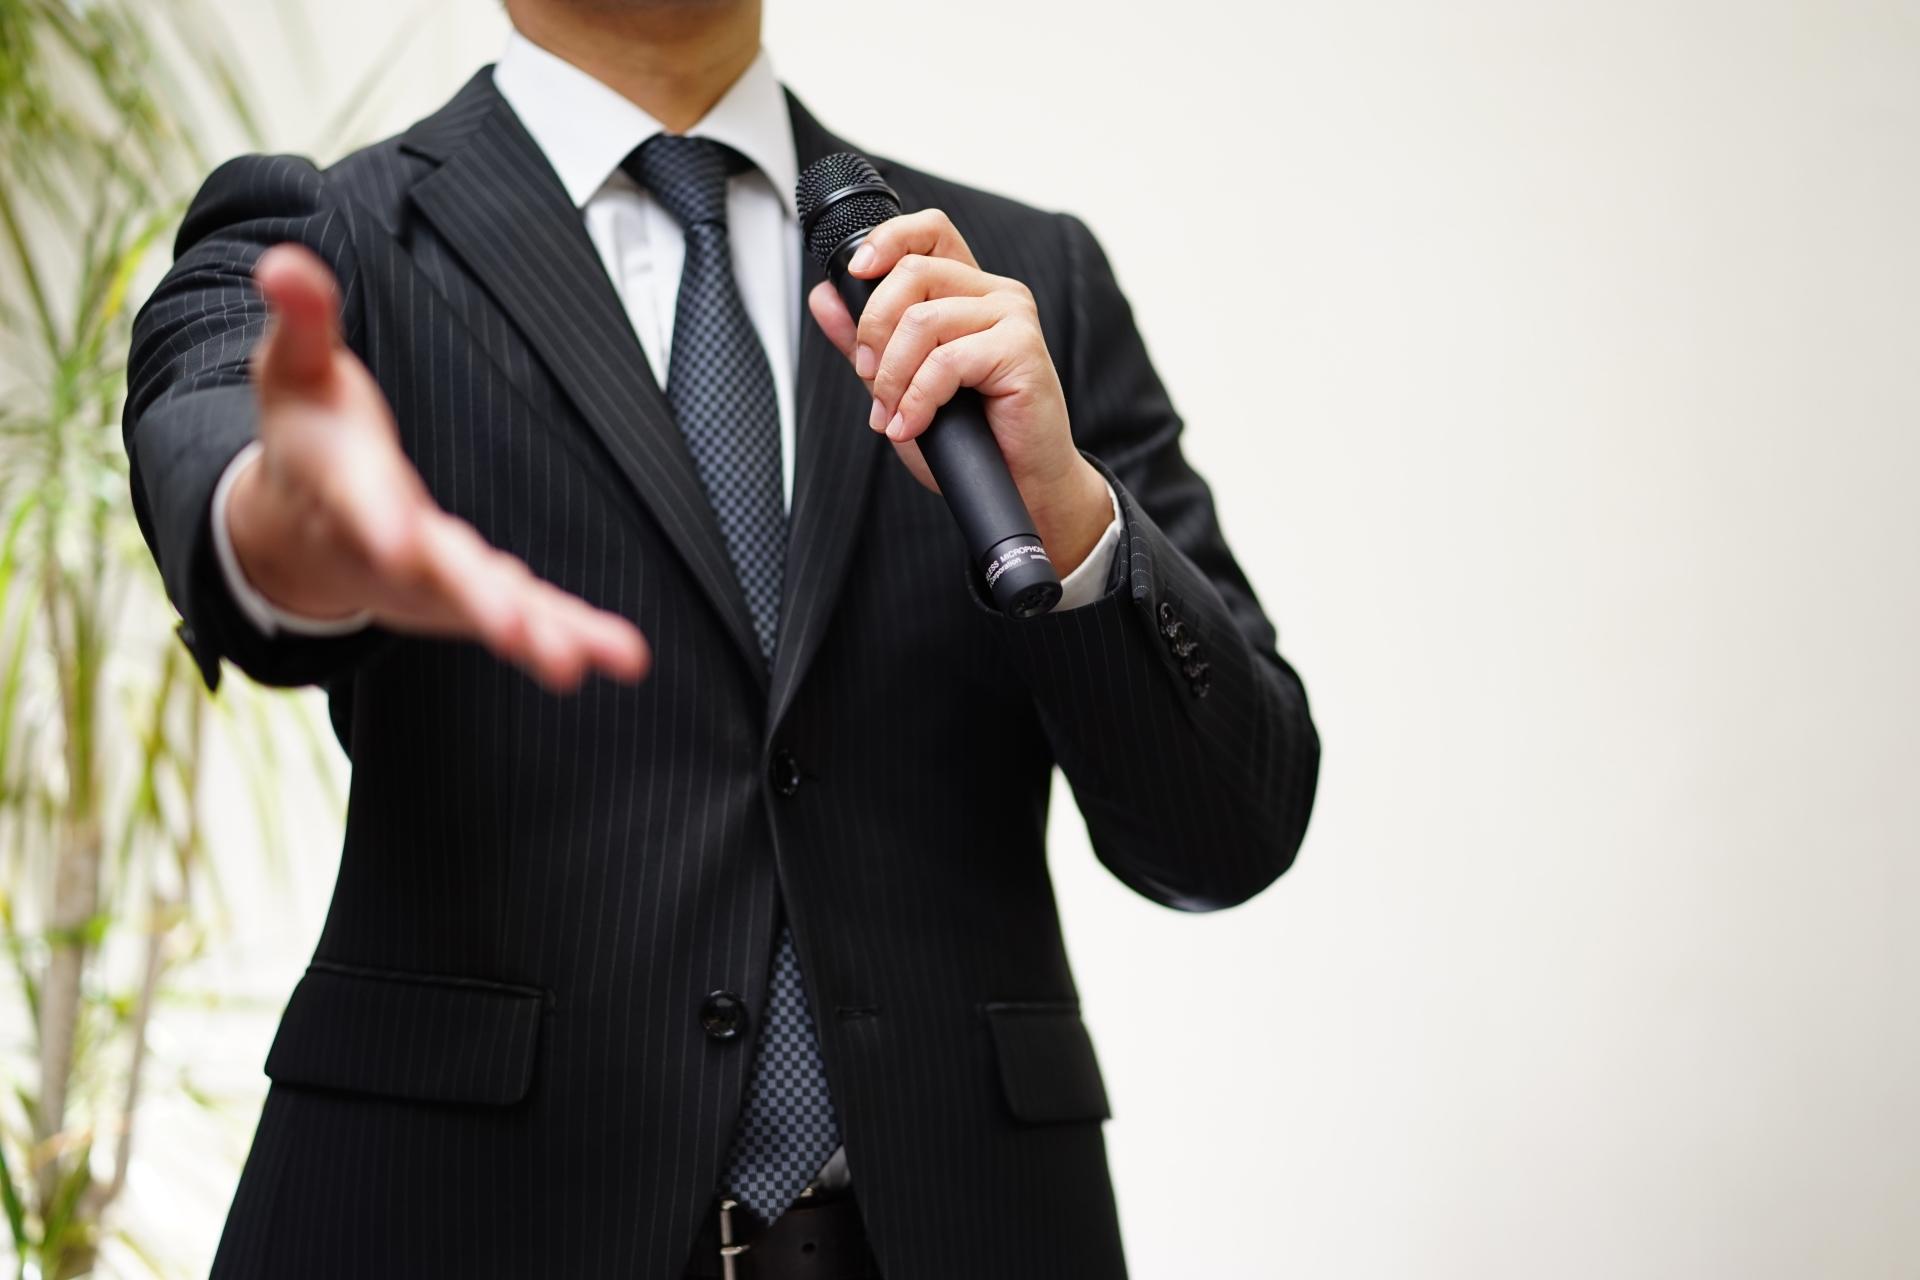 中小企業家同友会 事務局専用システム「会員管理」「会費請求管理」「活動履歴」をトータルにサポート。情報の一元管理/時系列管理と、請求管理/入金管理を効率化し同友会運動を強力にバックアップ